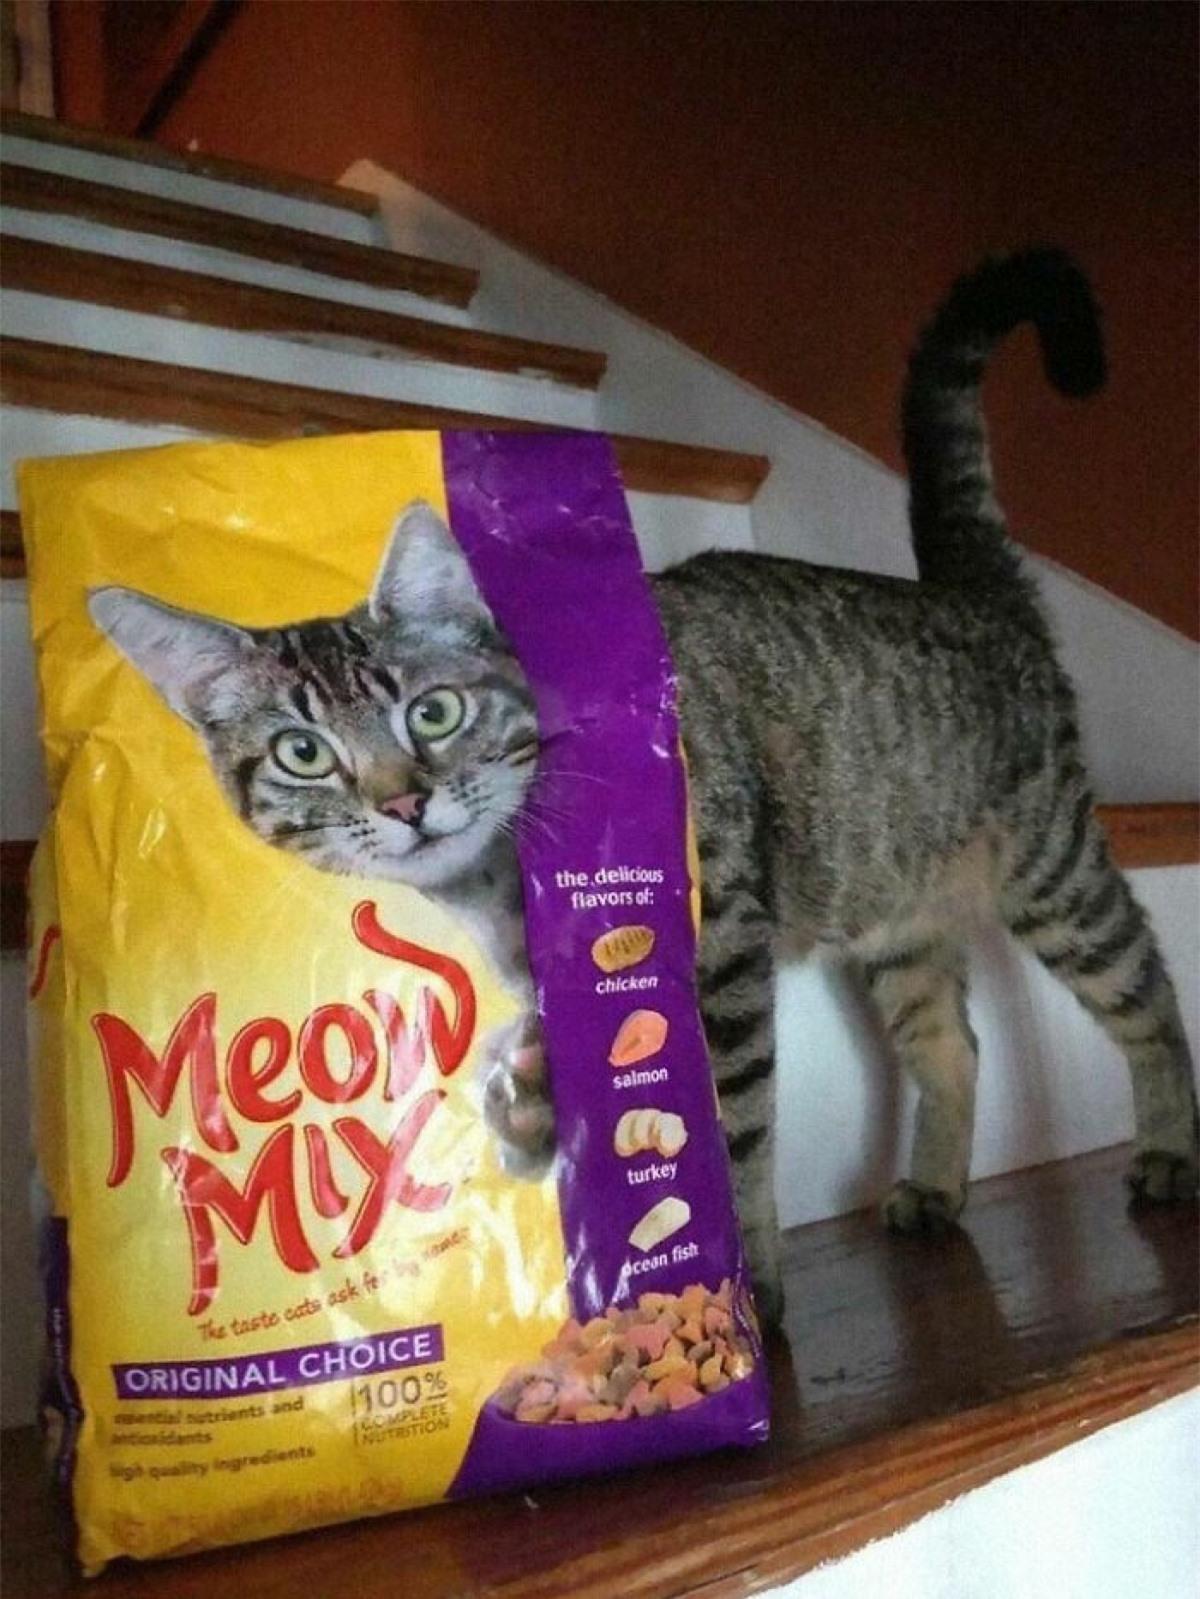 Hình ảnh trùng hợp đến lạ kỳ. Chú mèo như thể bước ra từ túi thức ăn.